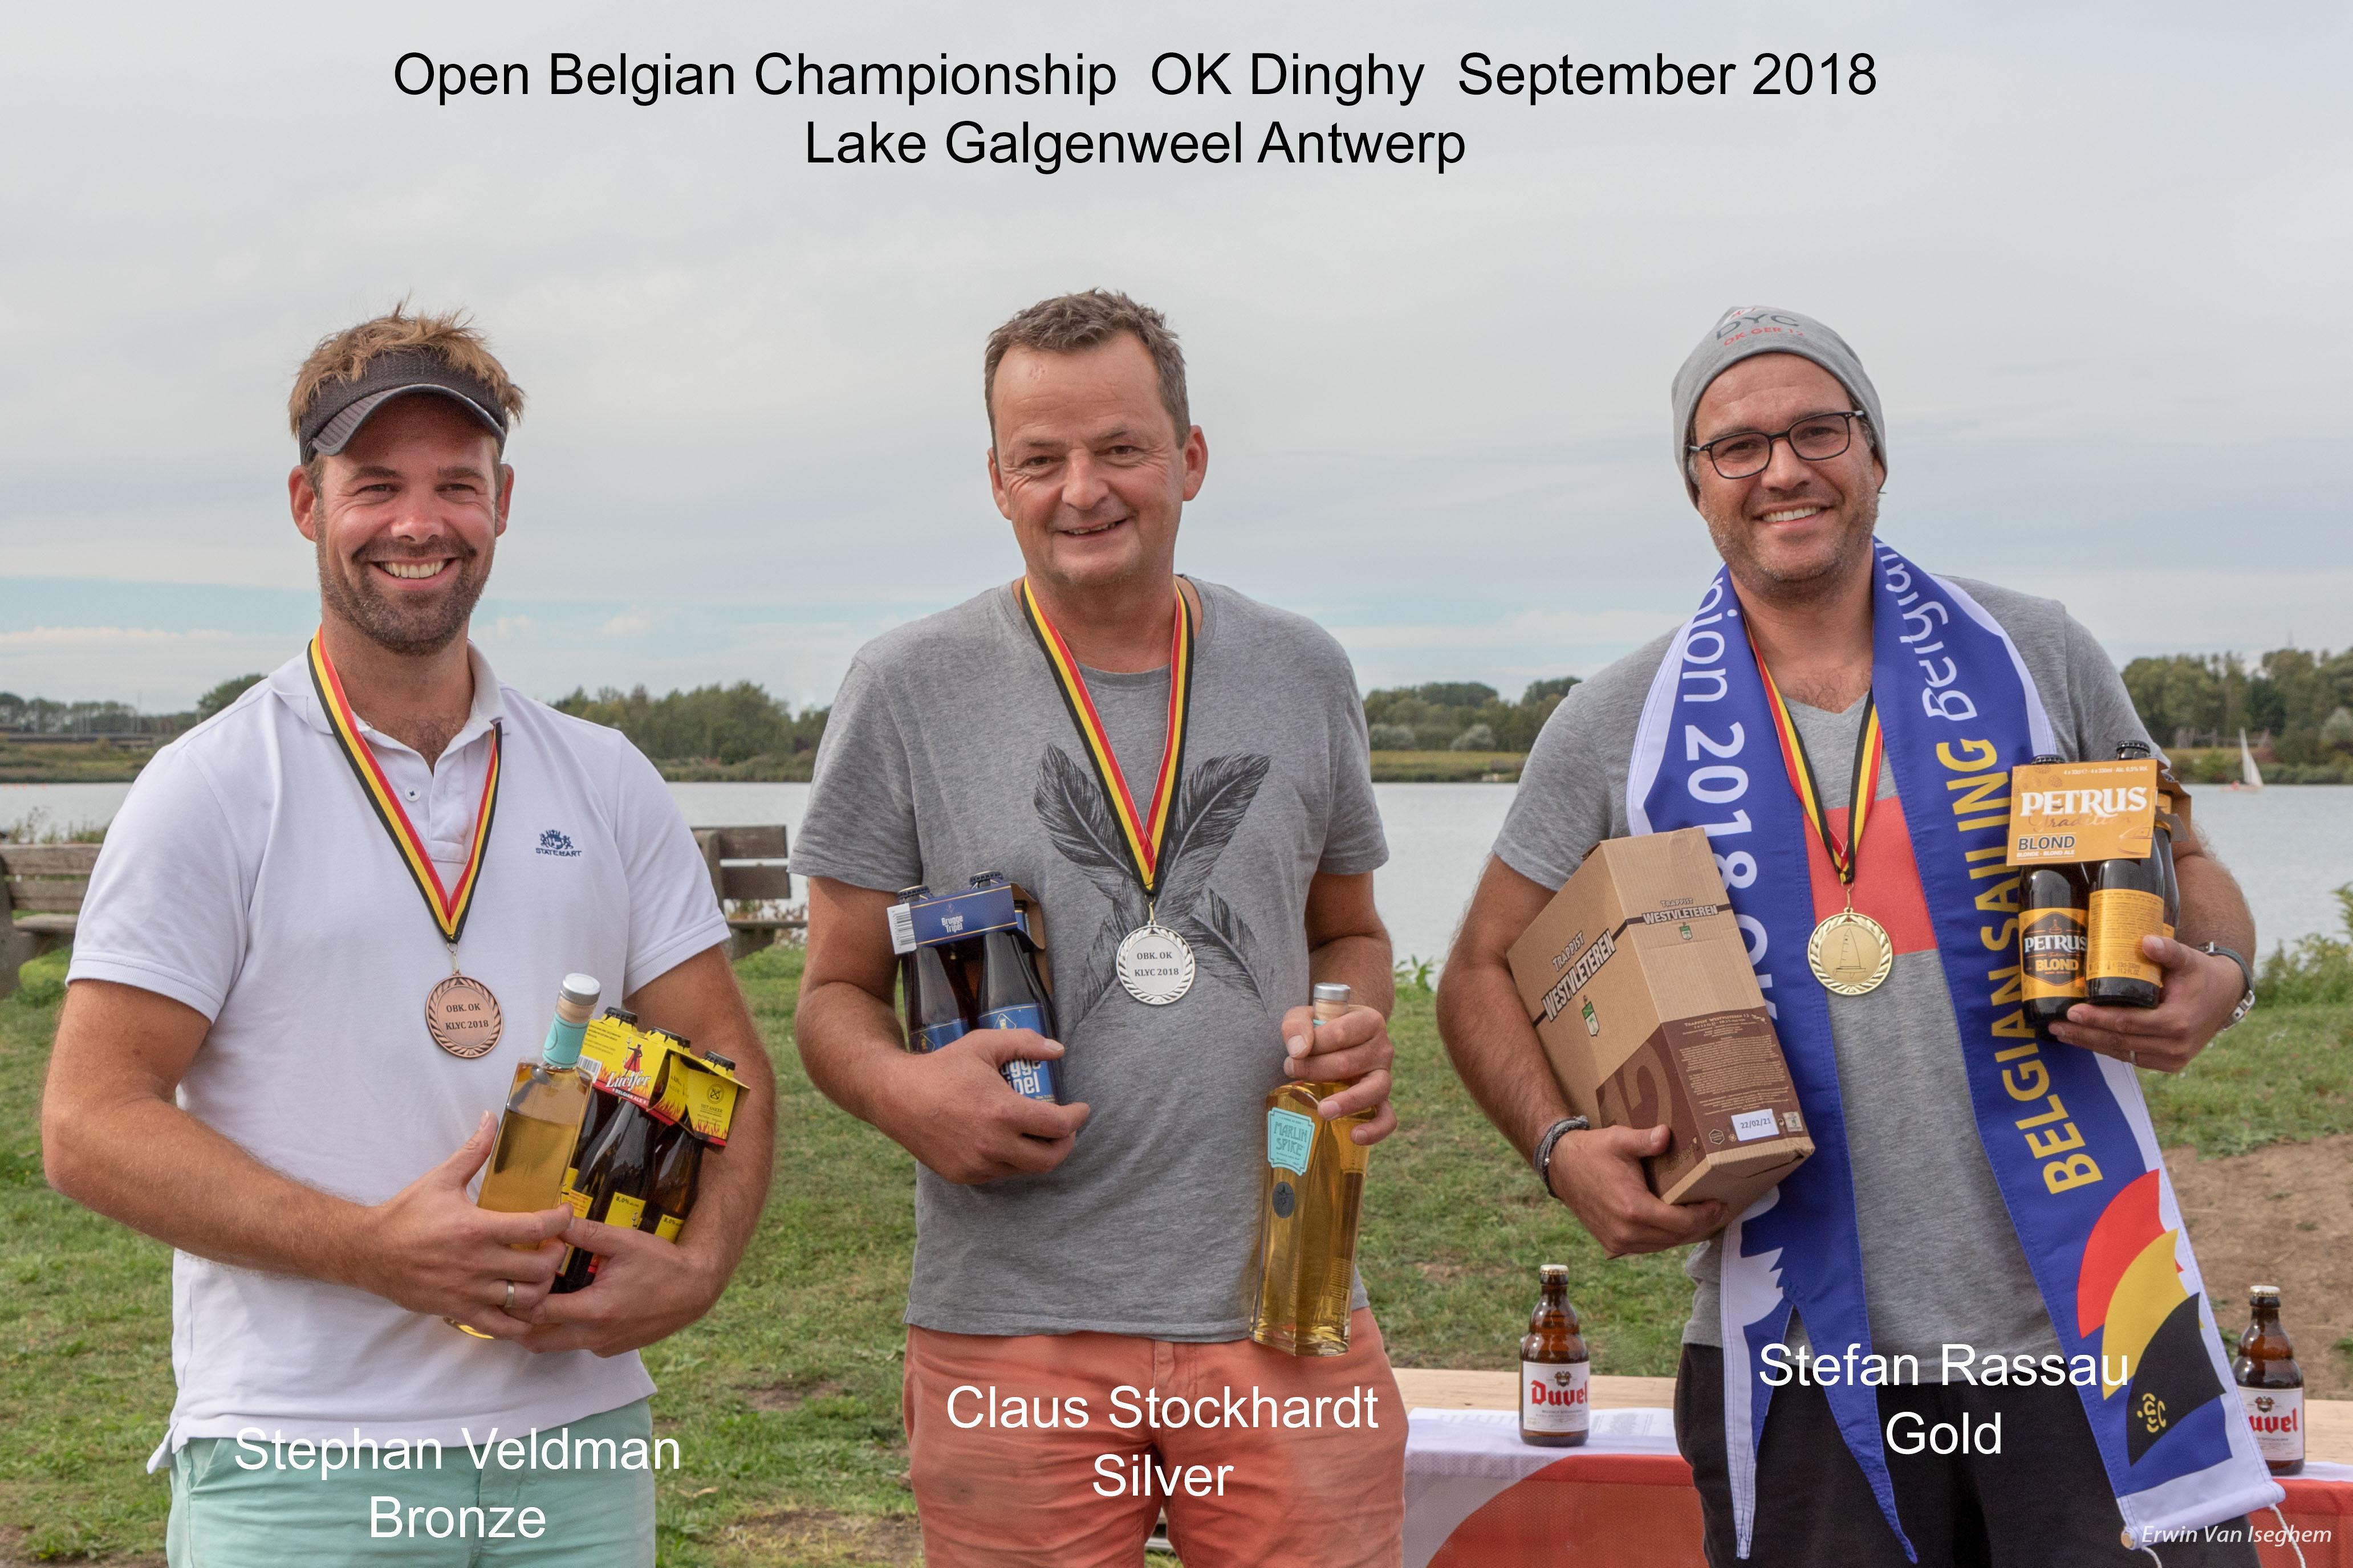 OBK_OK_2018-9500